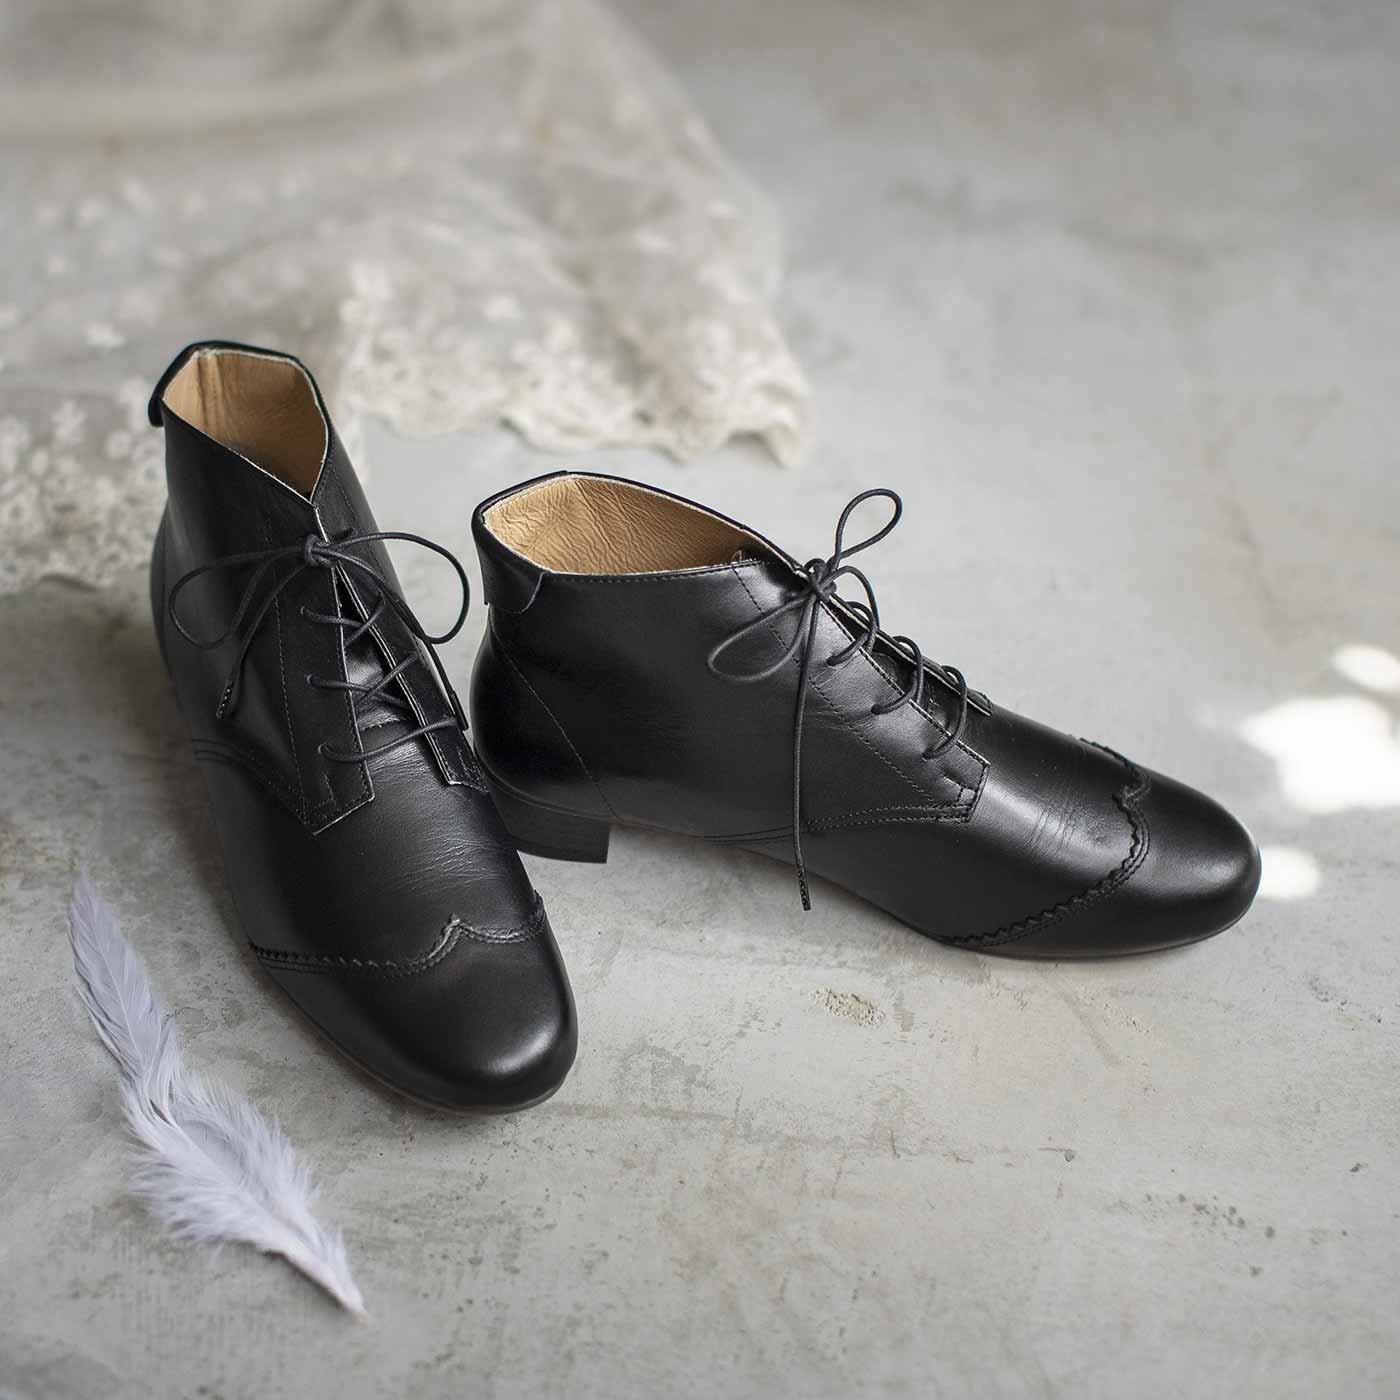 長田靴職人の本革仕立て 華麗(かれい)なスワンブーツ〈クラシックブラック〉[本革 ブーツ:日本製]